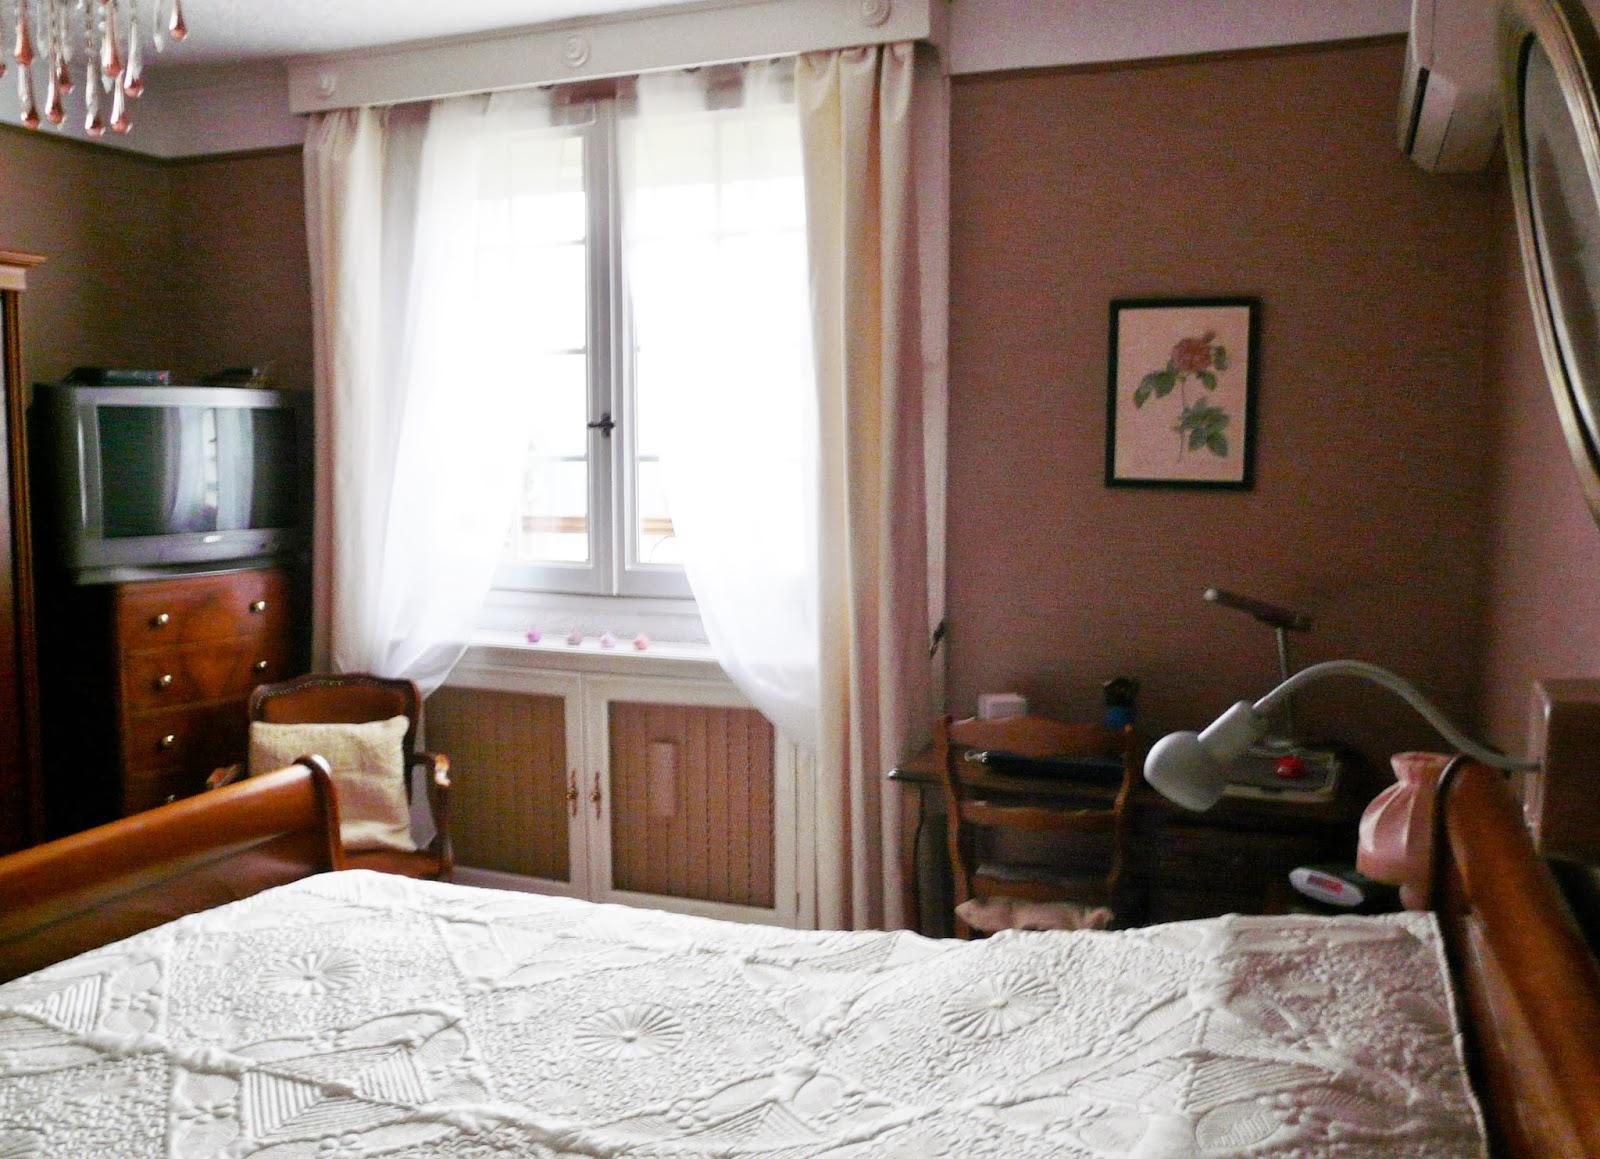 j p bossut bucheron nievre varennes vauzelles travaux de peinture pour une chambre. Black Bedroom Furniture Sets. Home Design Ideas